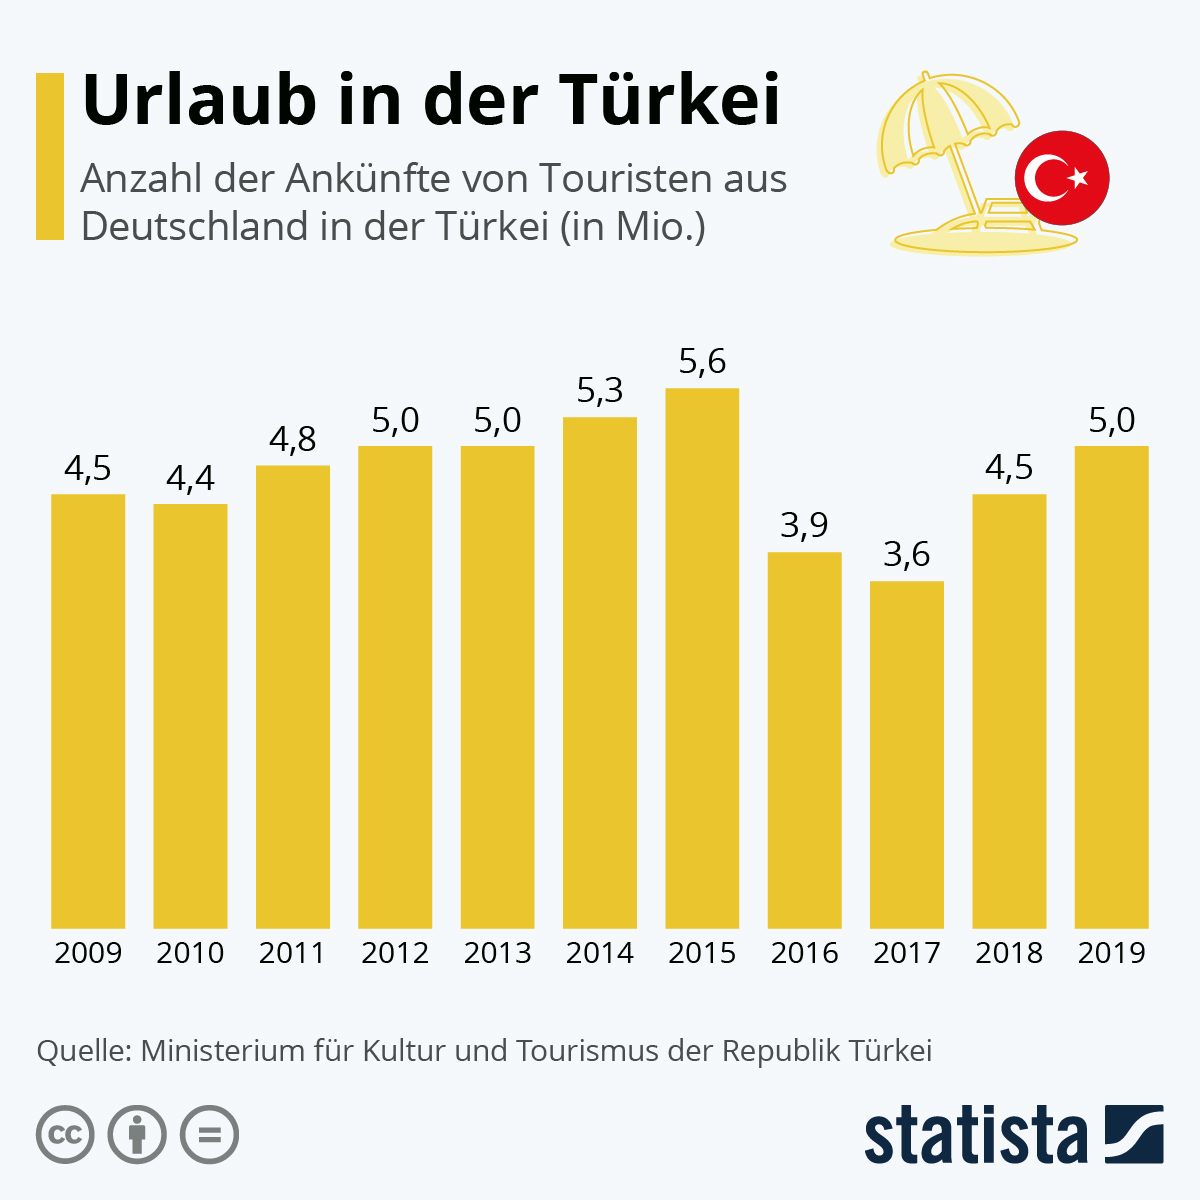 Infografik: Urlaub in der Türkei | Statista